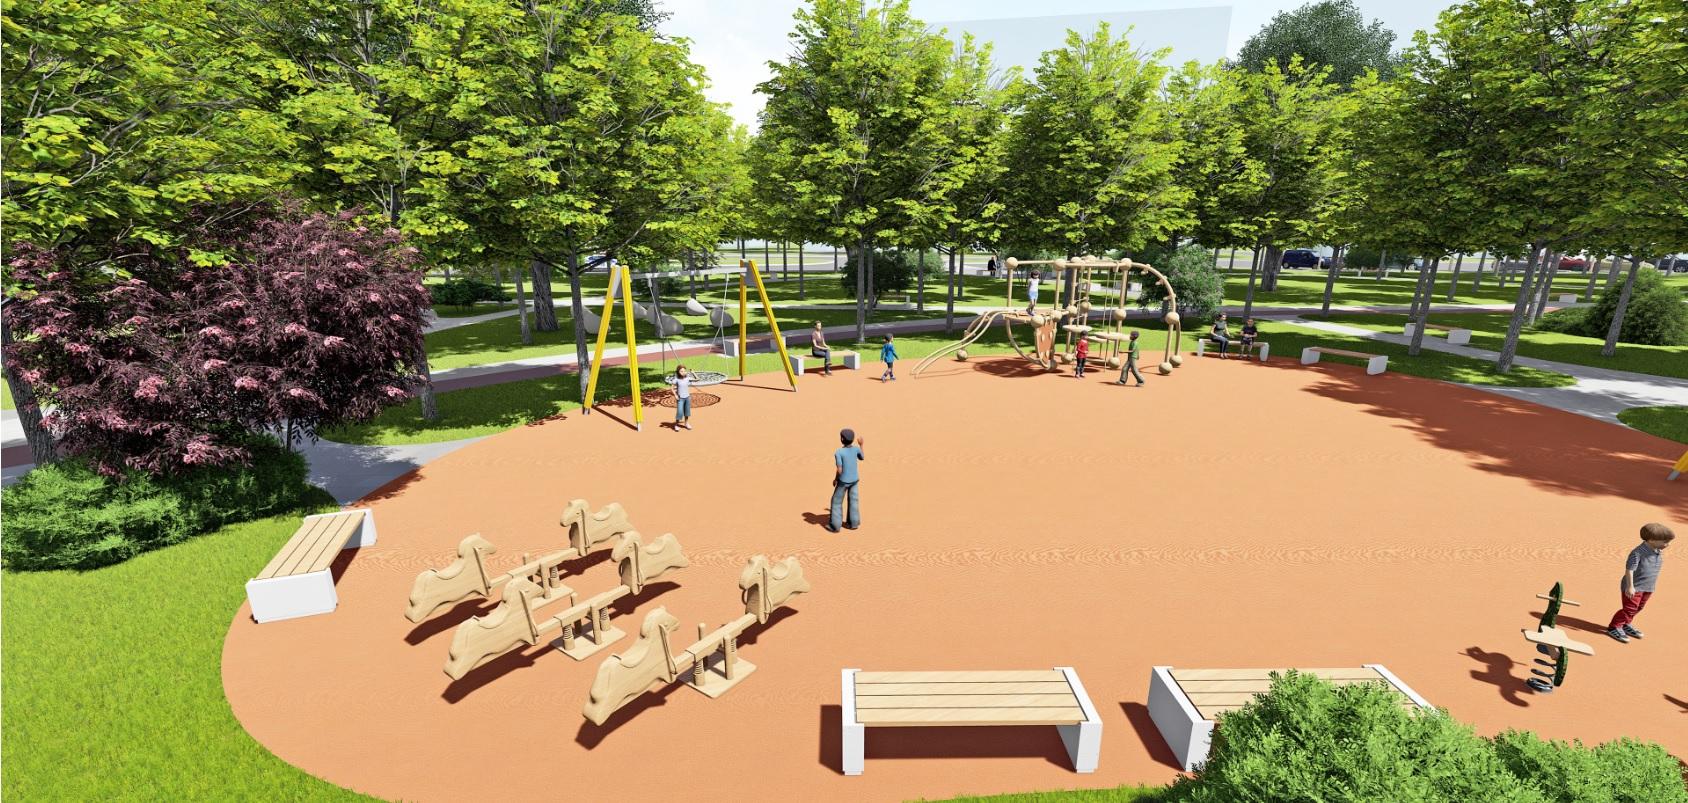 У Фастові оприлюднили проєкт реконструкції міського парку імені Гагаріна - Фастів, реконструкція, парк імені Гагаріна - Park6